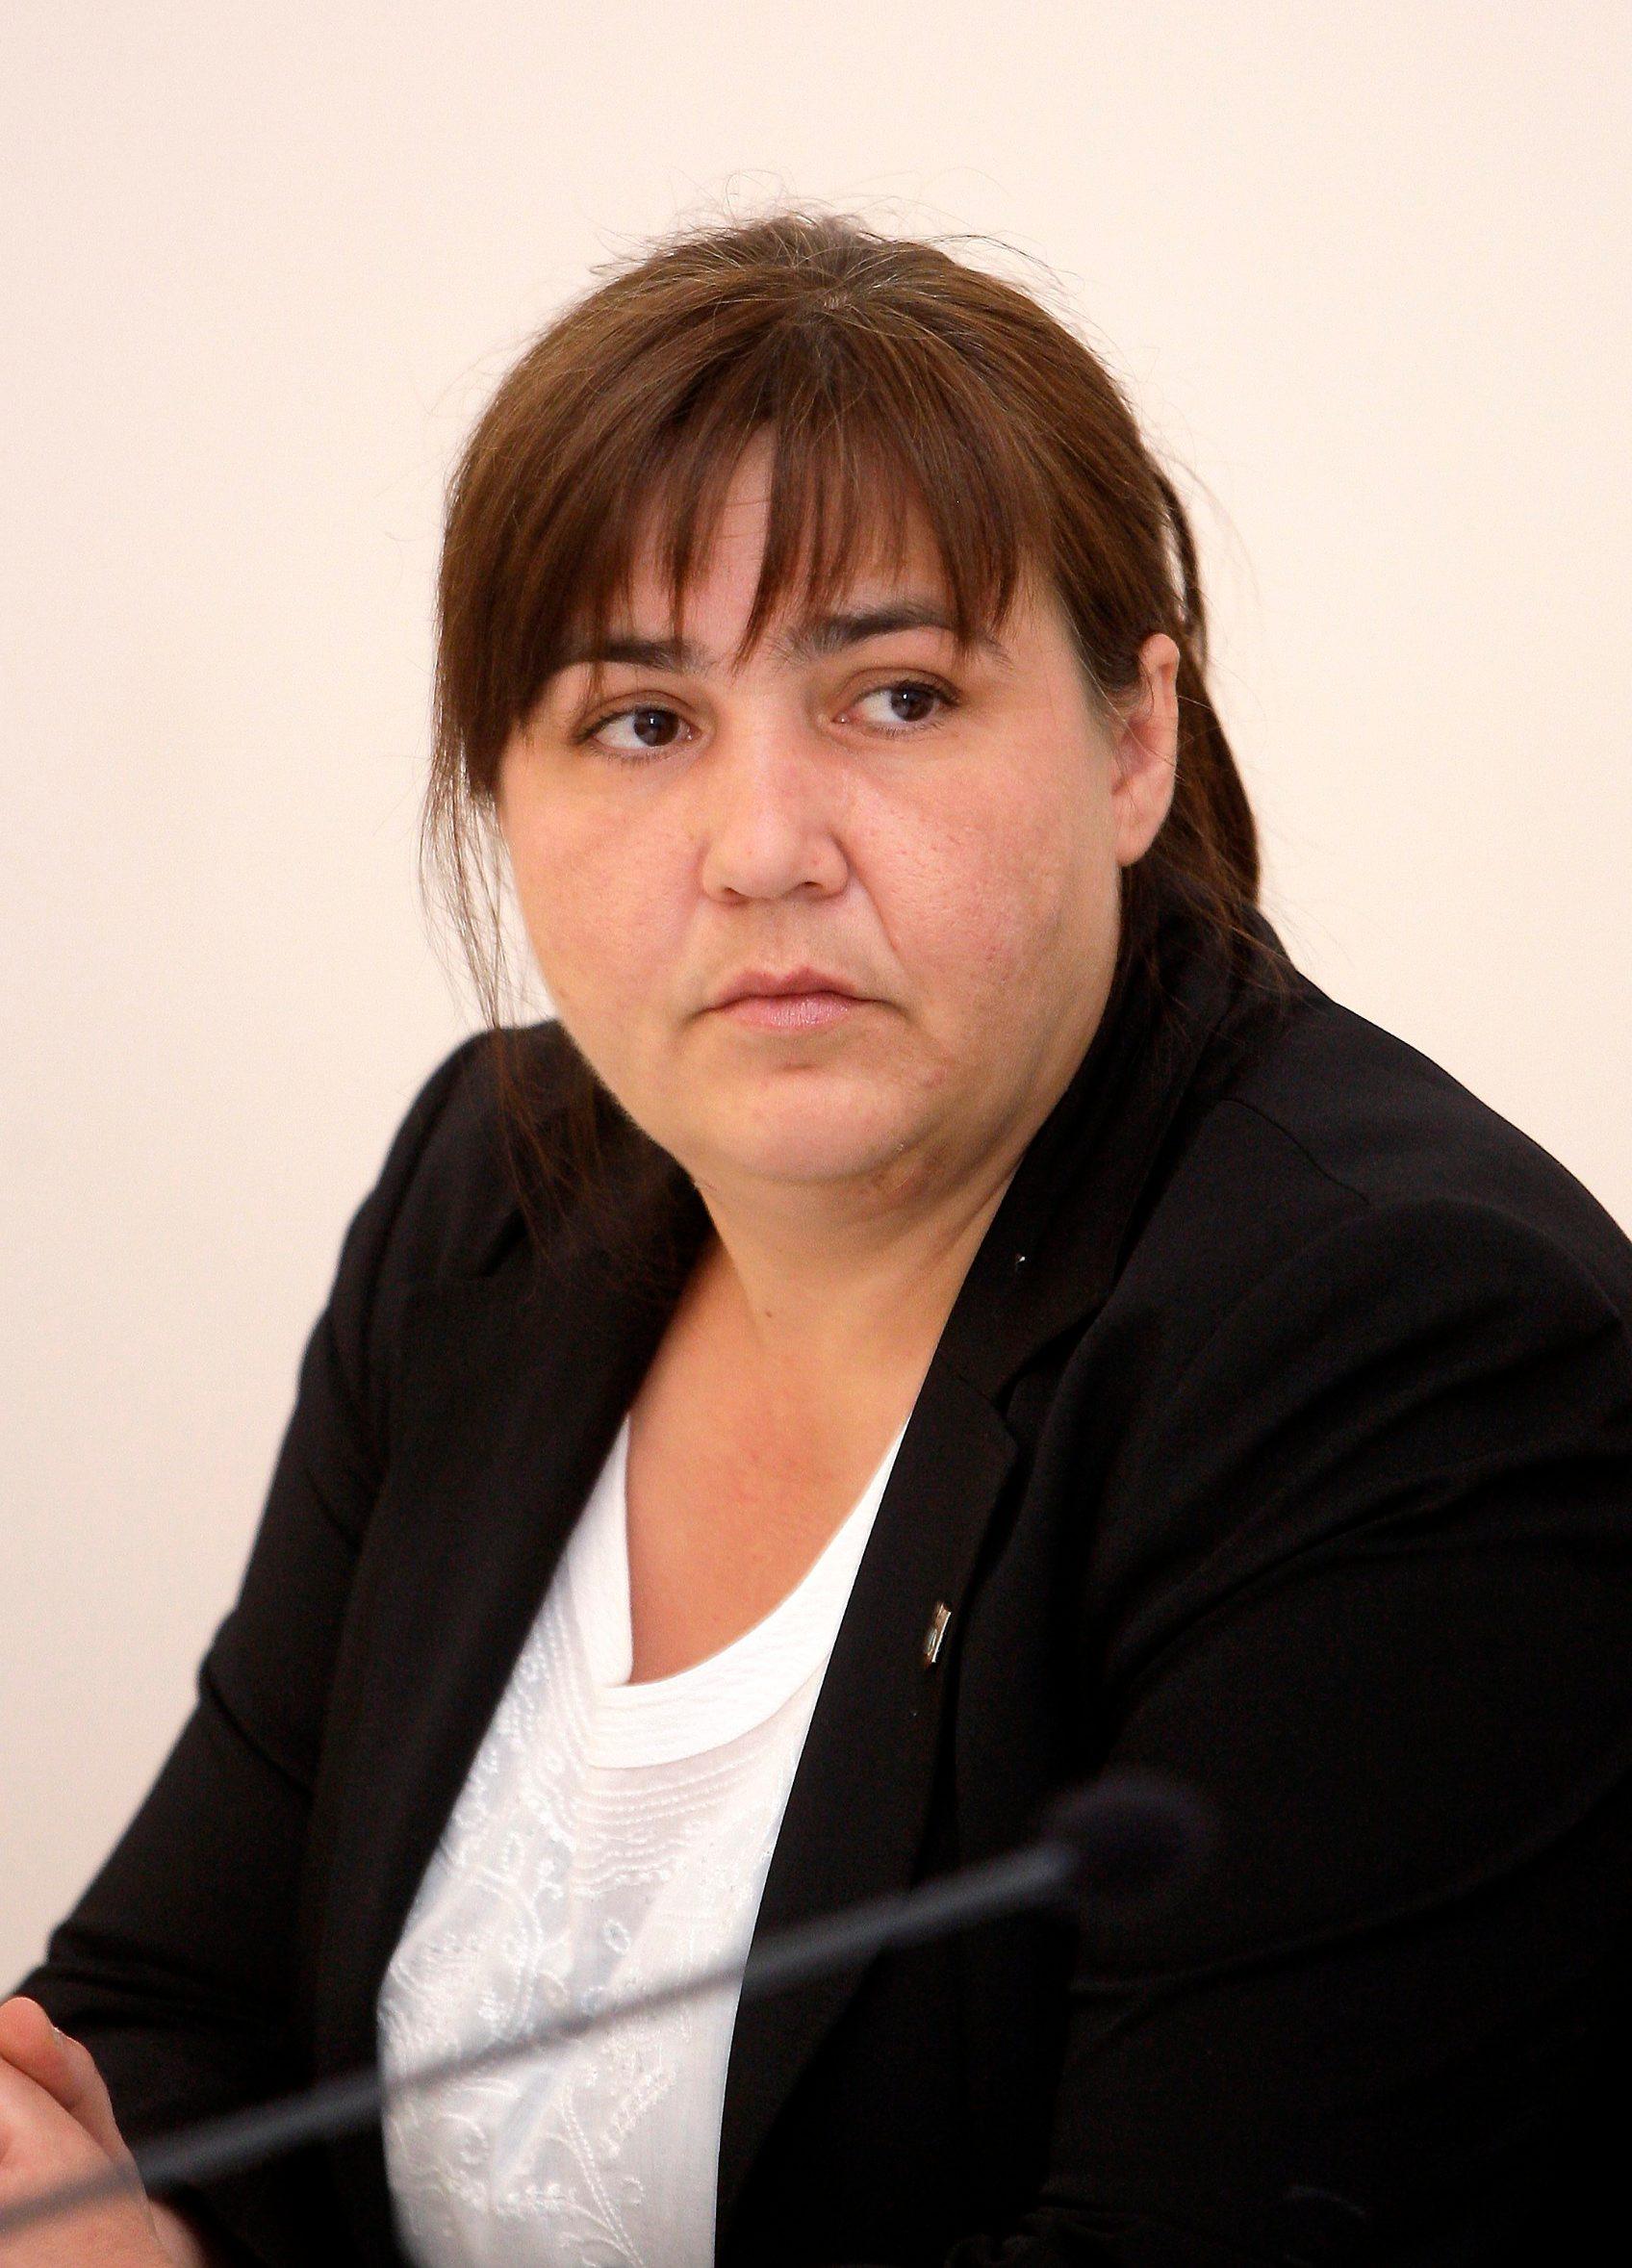 Ljiljana Alvir